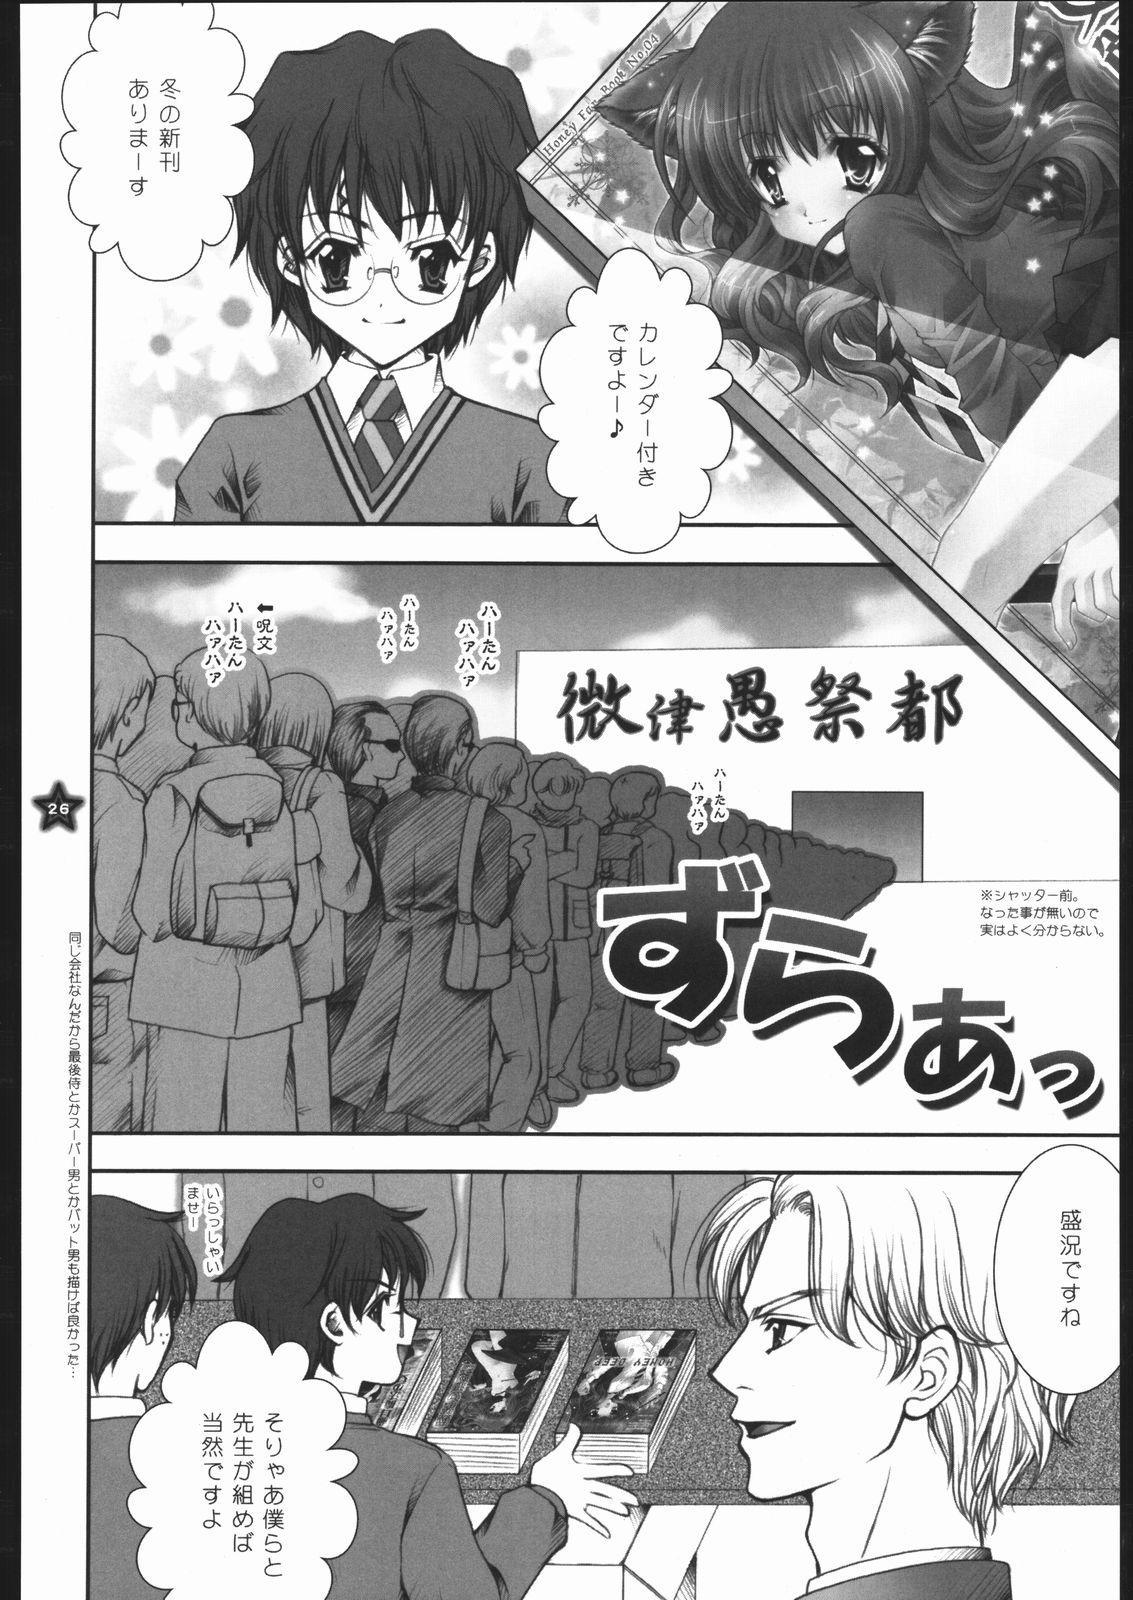 Mahou Shoujo Shiikuron 24